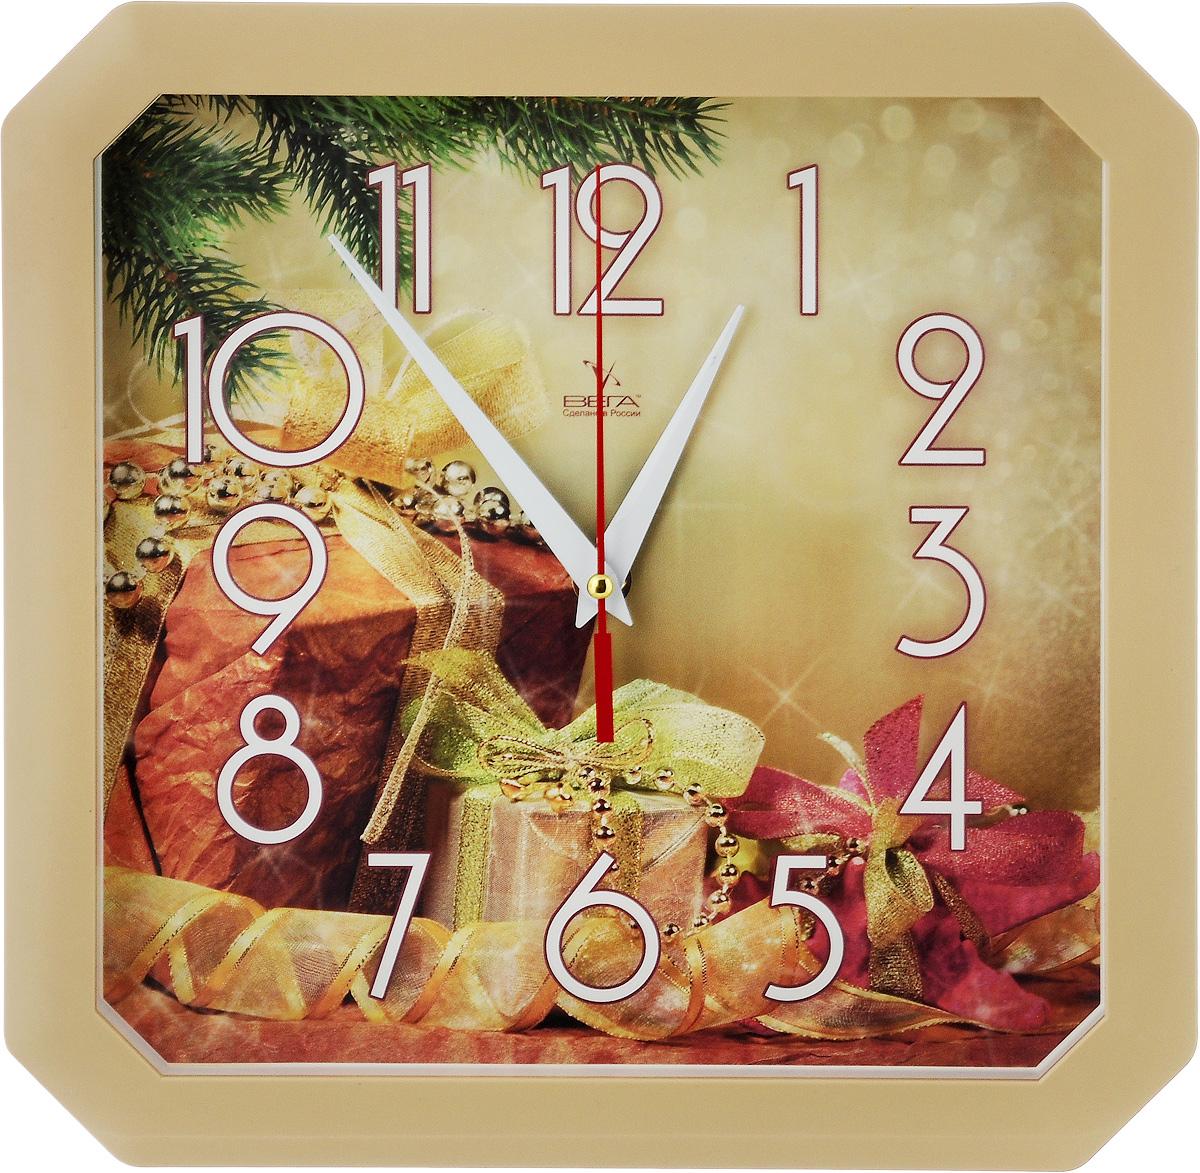 Часы настенные Вега Новогодние подарки, 27,5 х 27,5 х 3,5 смП4-14/7-86Настенные кварцевые часы Вега Новогодние подарки, изготовленные из пластика, прекрасно впишутся в интерьер вашего дома. Часы имеют три стрелки: часовую, минутную и секундную, циферблат защищен прозрачным стеклом. Часы работают от 1 батарейки типа АА напряжением 1,5 В (не входит в комплект). Размер часов: 27,5 х 27,5 х 3,5 см.